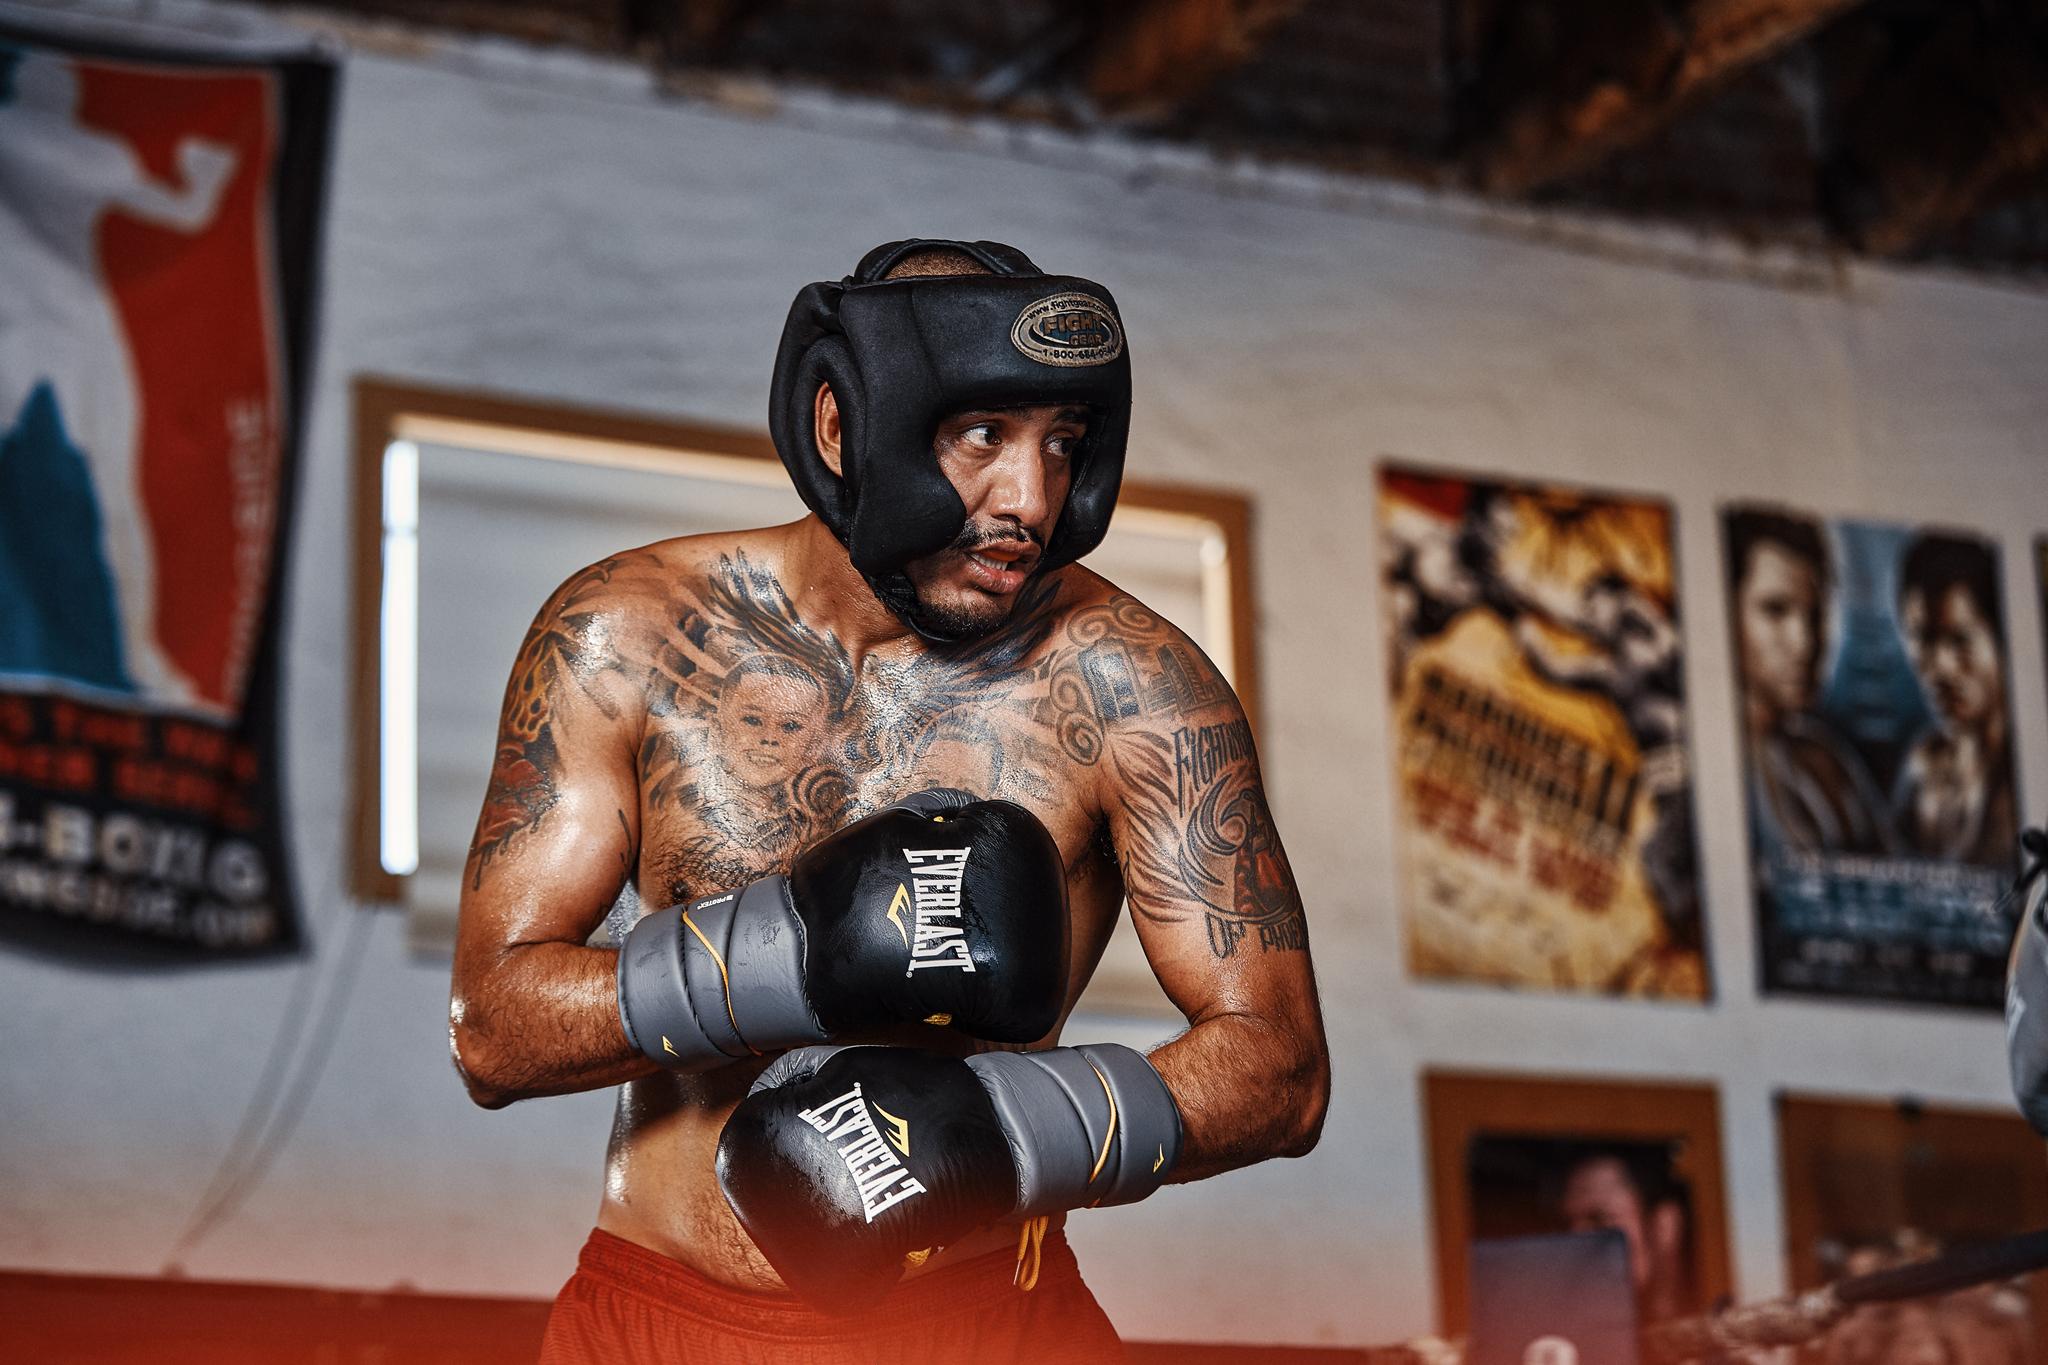 2018_Brandon-Tigrett-Commercial-Photographer-Central-Boxing-Gym-415-00019.jpg